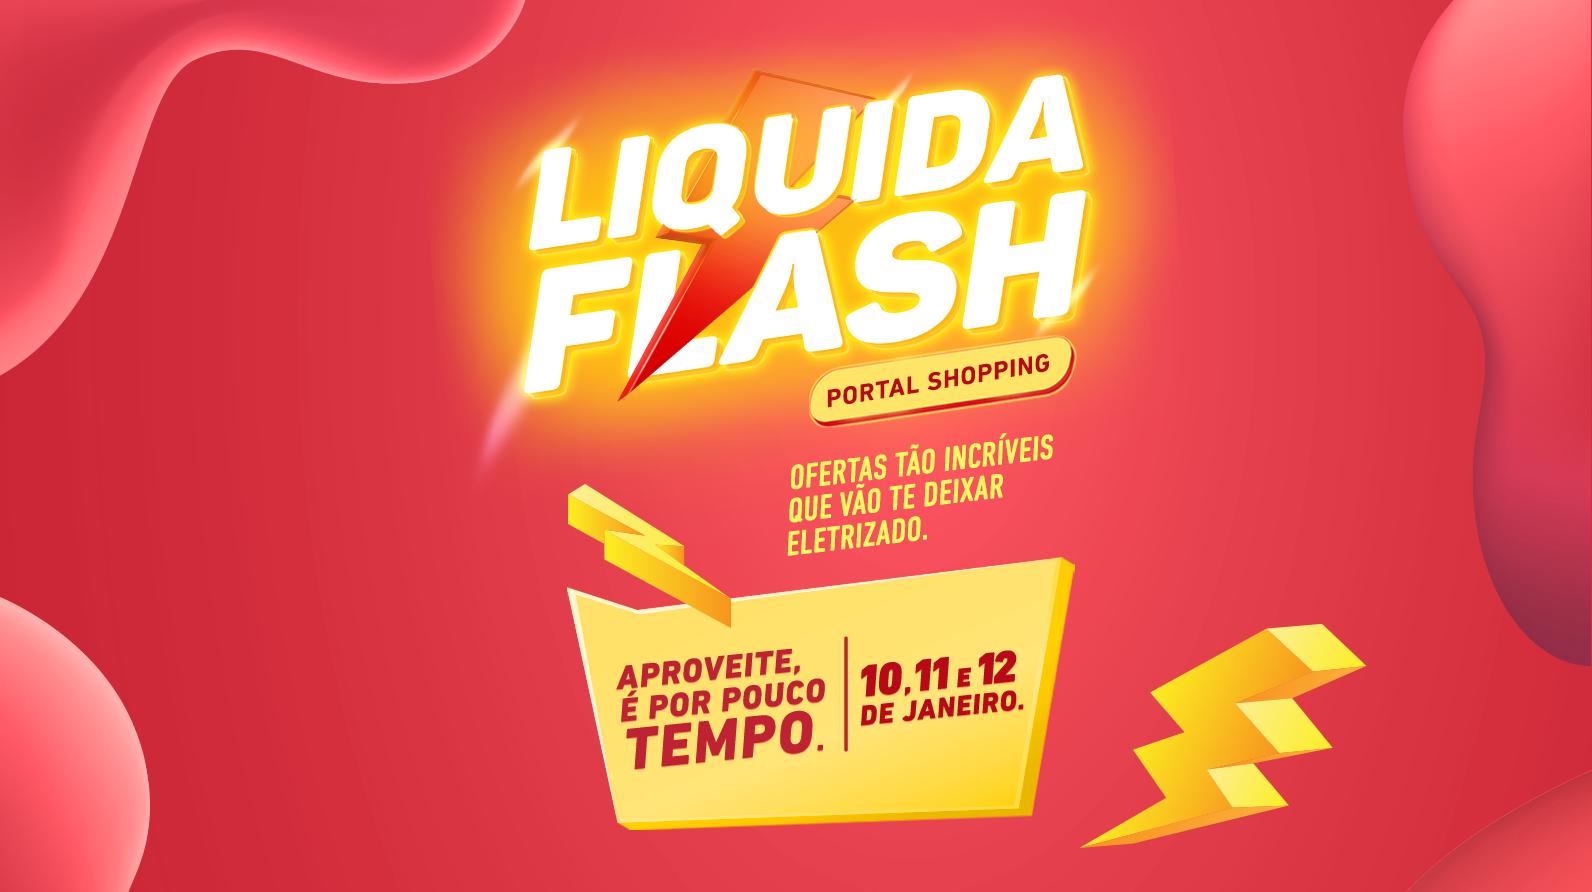 LIQUIDA FLASH PORTAL SHOPPING